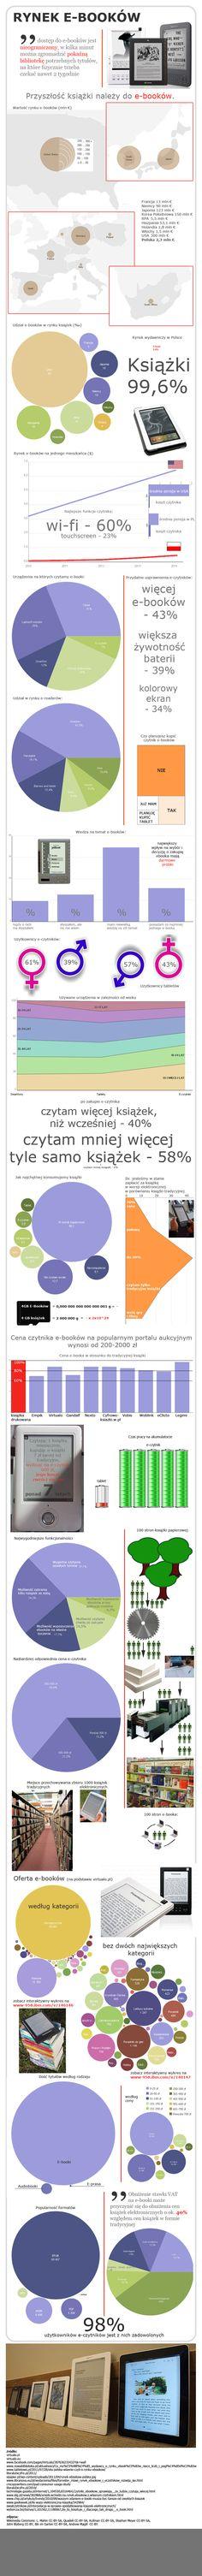 Rynek ebooków w Polsce i nie tylko - z konkursu dla Virtualo.